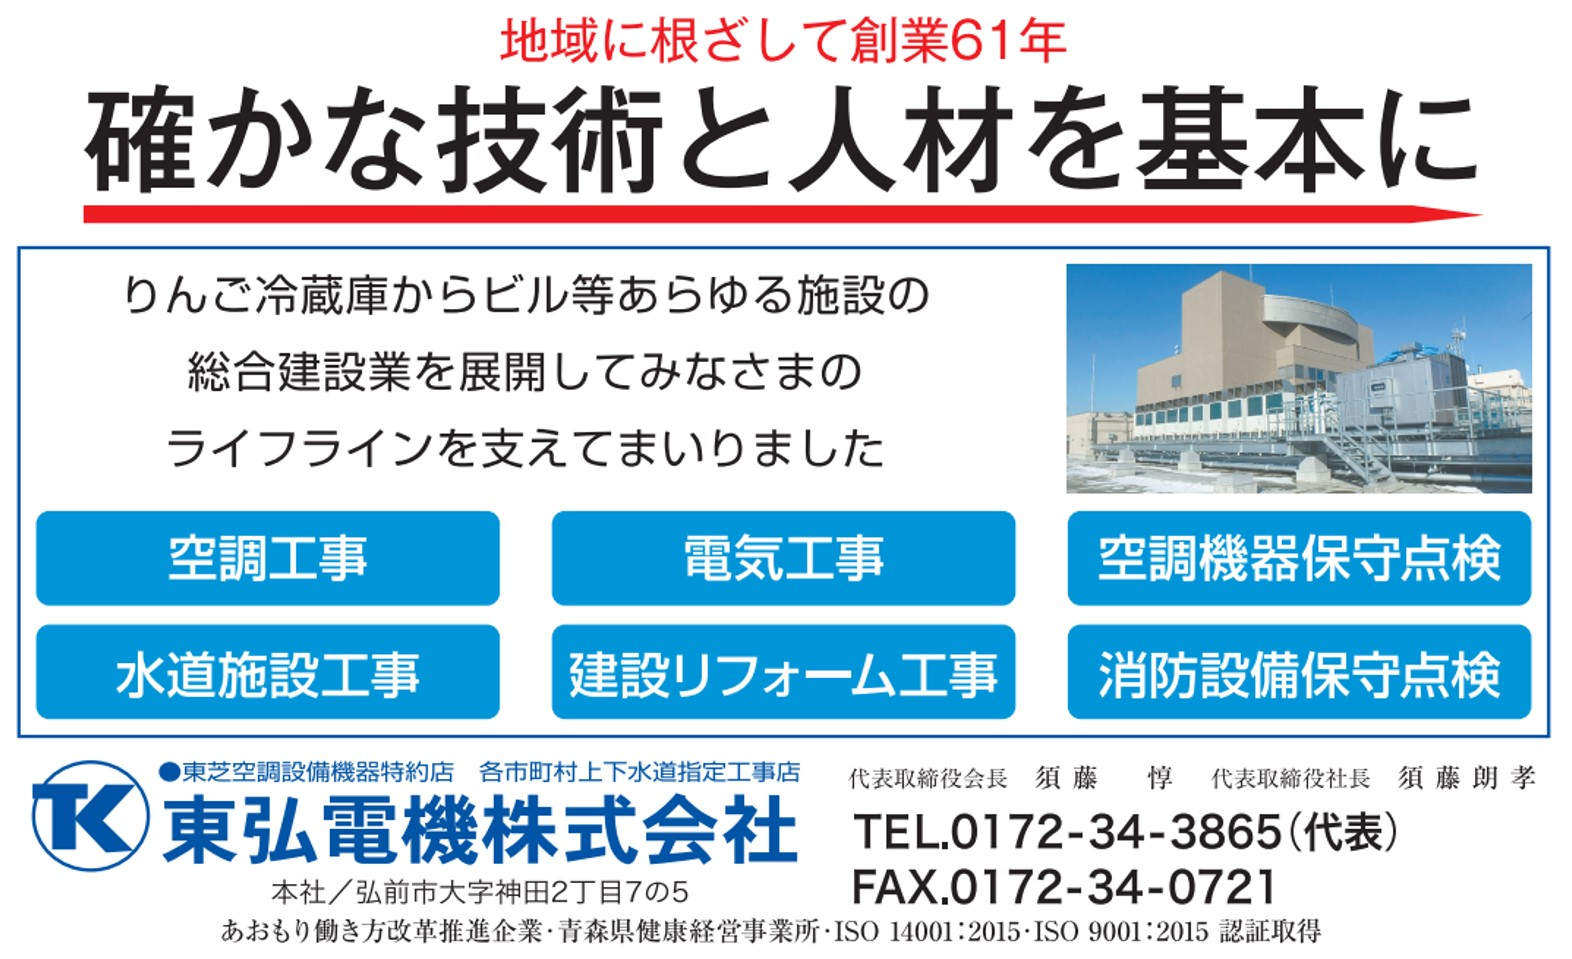 東弘電機株式会社(建築監督技術者 正社員)